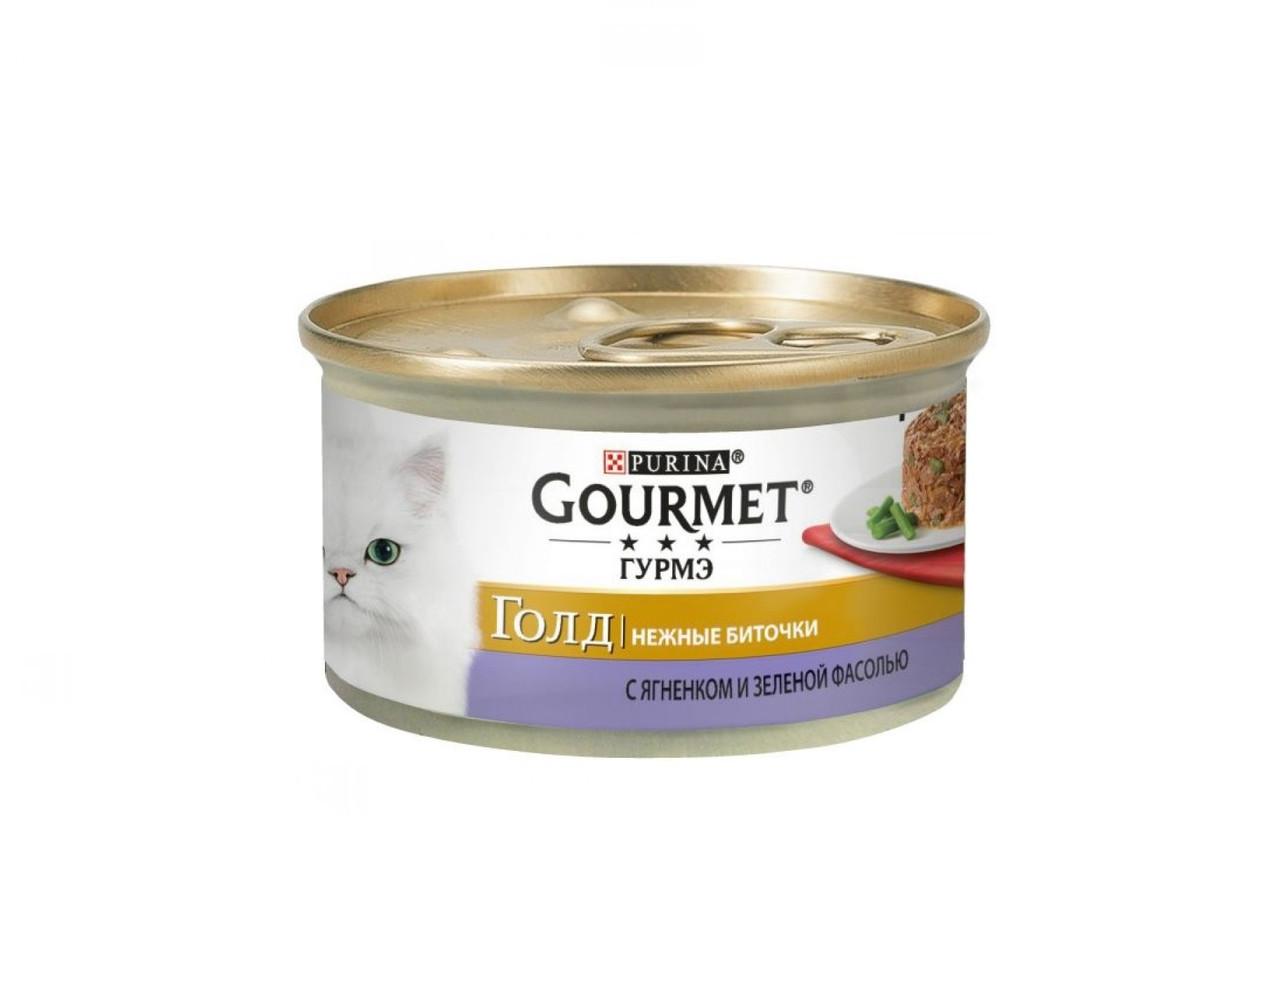 Gourmet Gold биточки с ягненком и зеленой фасолью, банка 85гр.